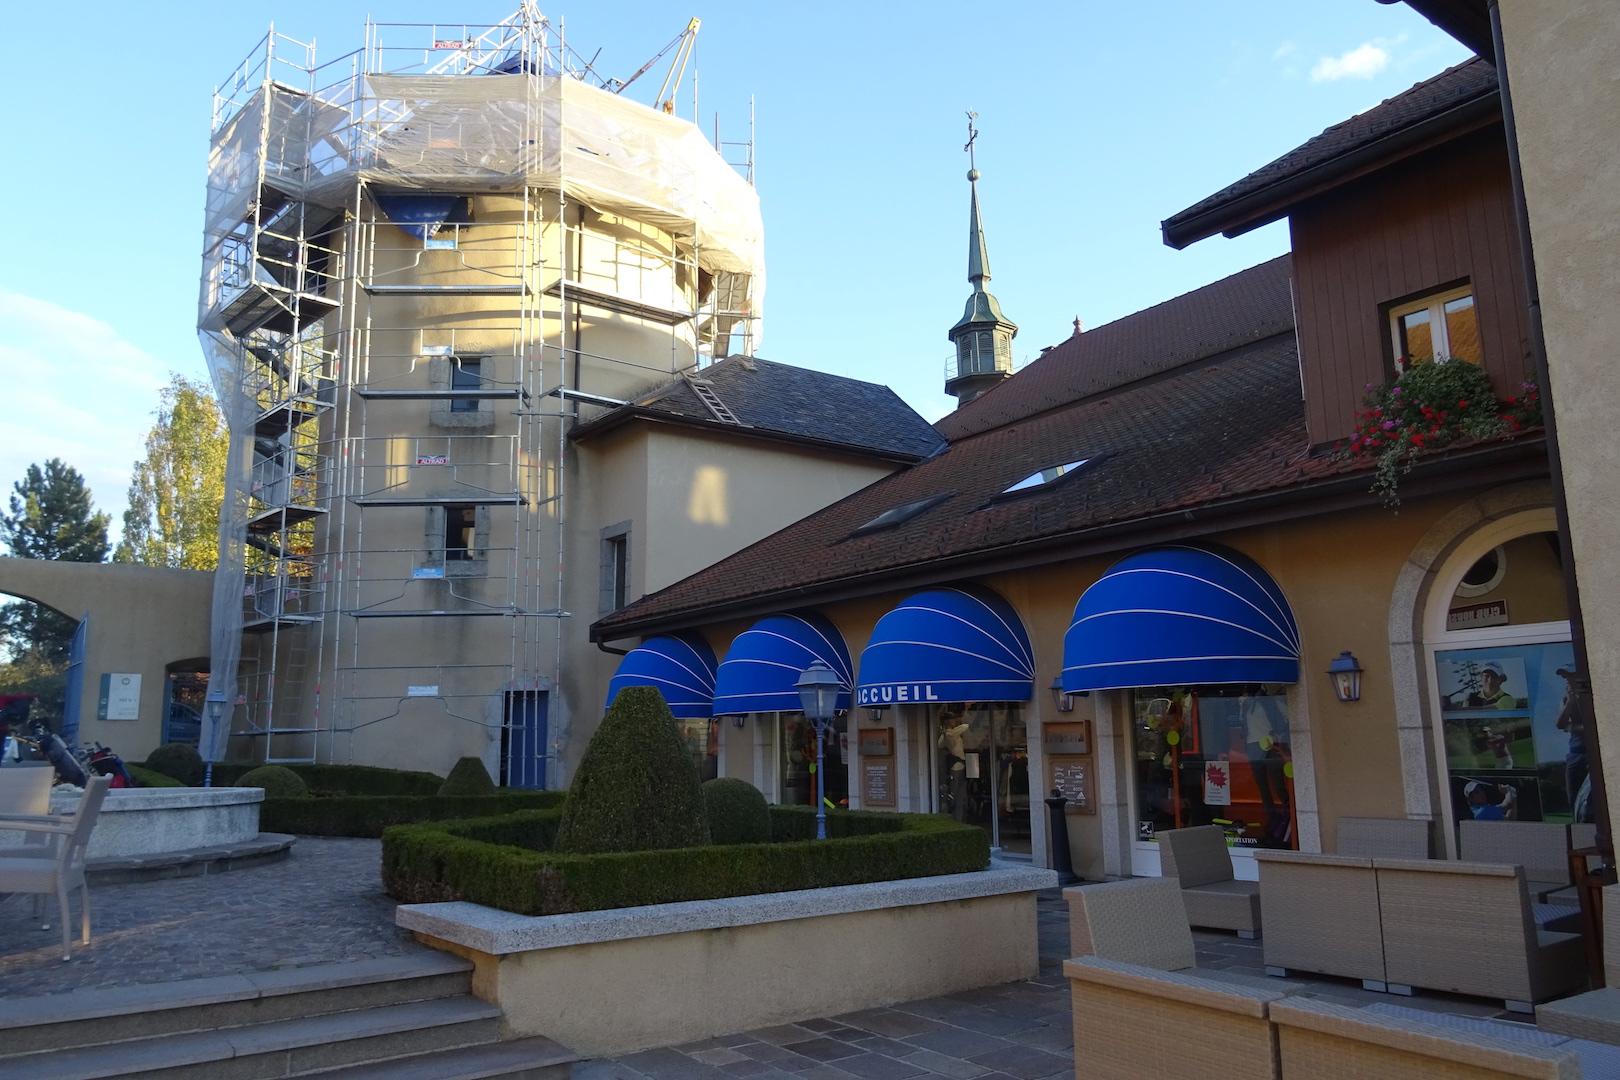 L'imposant pro-shop et la tour en ravalement